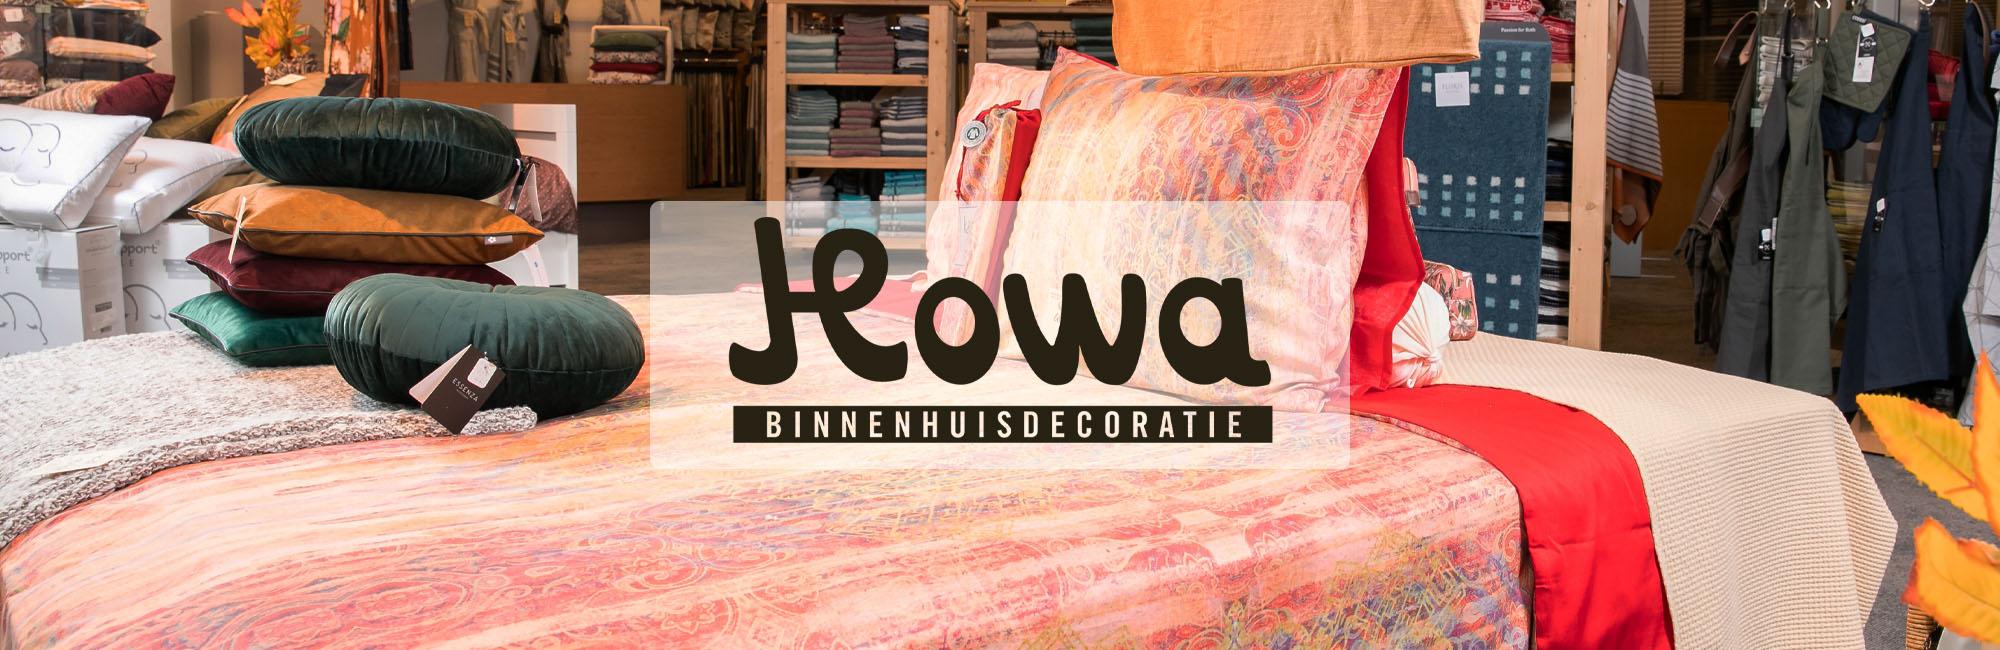 Howa binnenhuis decoratie nieuwstraat 12 14 hoensbroek